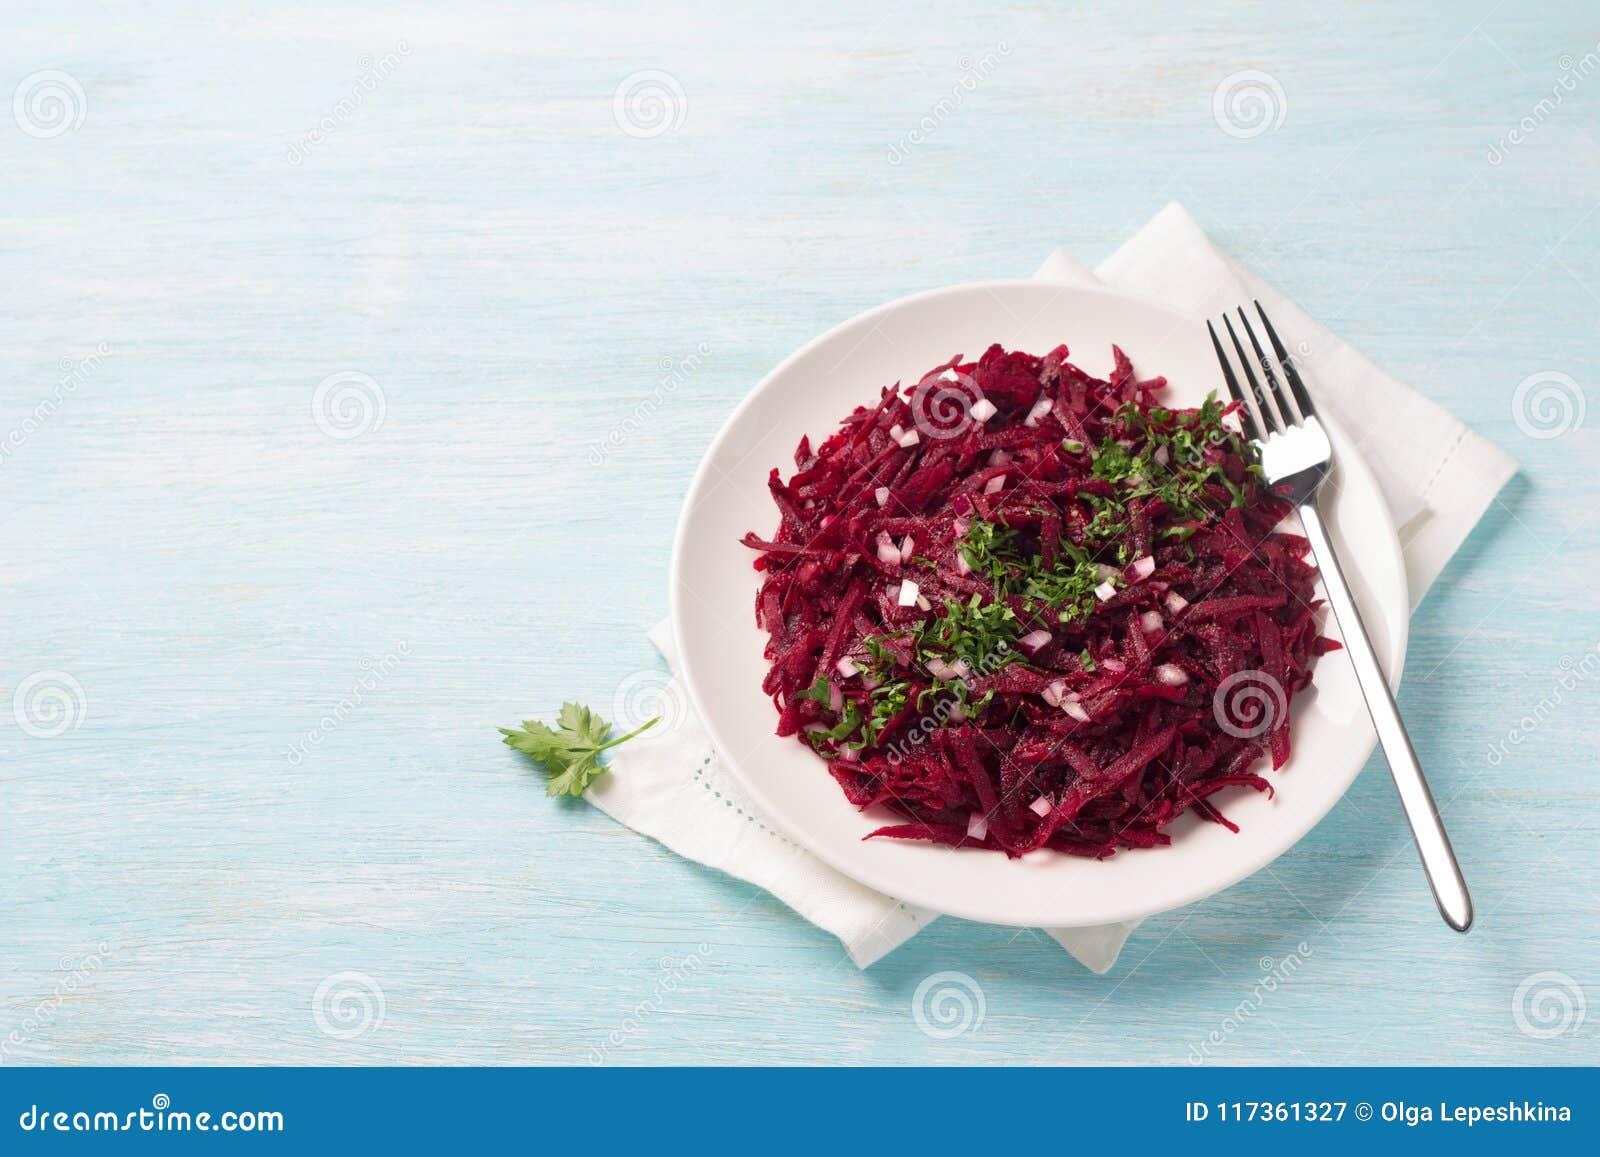 Roher Salat Rote Bete Wurzeln Des Gesunden Detox Mit Roter Zwiebel